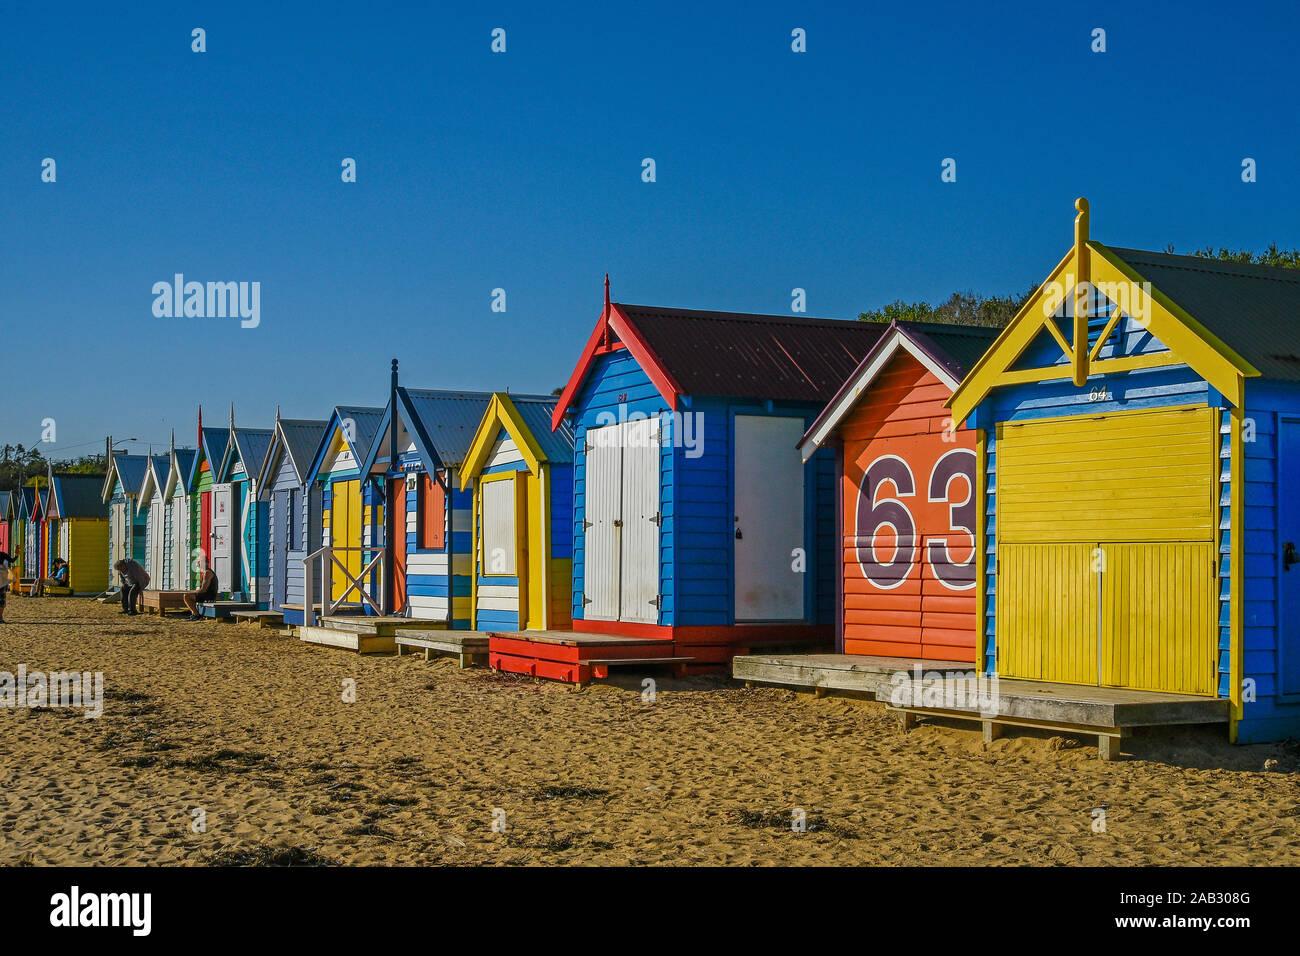 Australien, Victoria, Melbourne, April 12. 2019 - Brighton Beach verfügt über 82 farbenfrohe Baden Boxen, die sind eine der touristischen Symbole von Melbourne. B Stockfoto